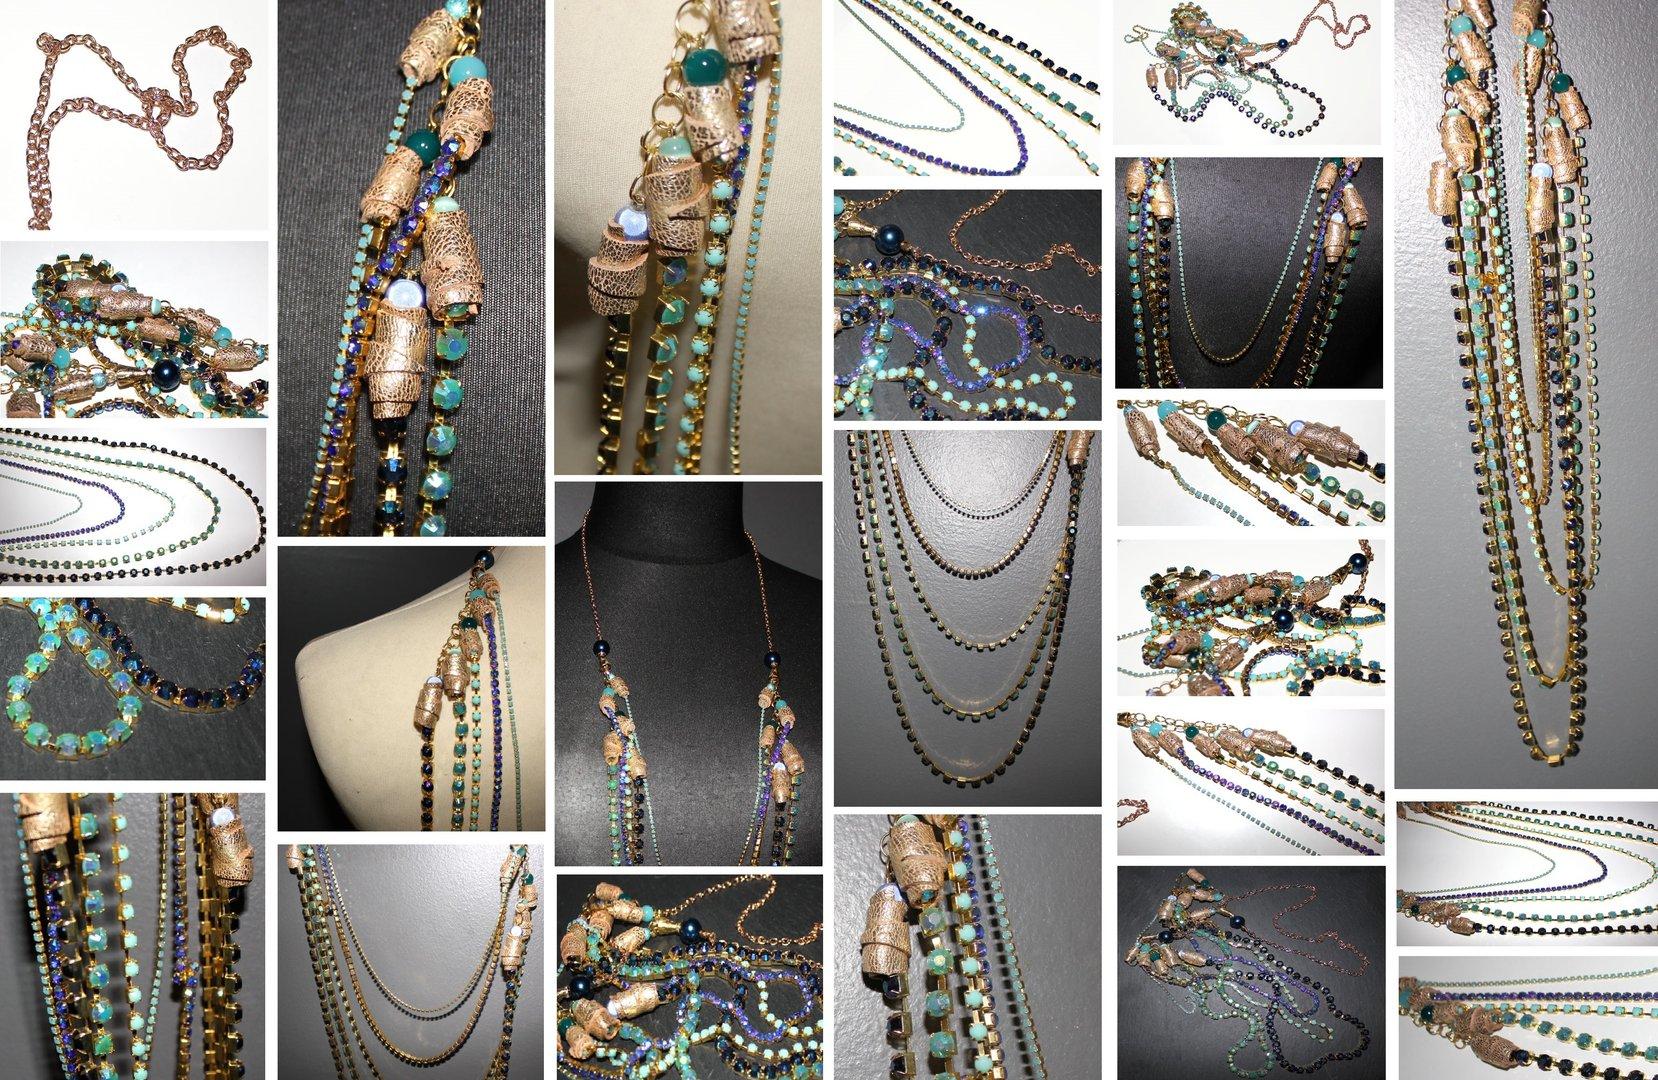 collier sautoir ethnique perles en cuir dor et cascade de chaine strass tons bleus maryse. Black Bedroom Furniture Sets. Home Design Ideas